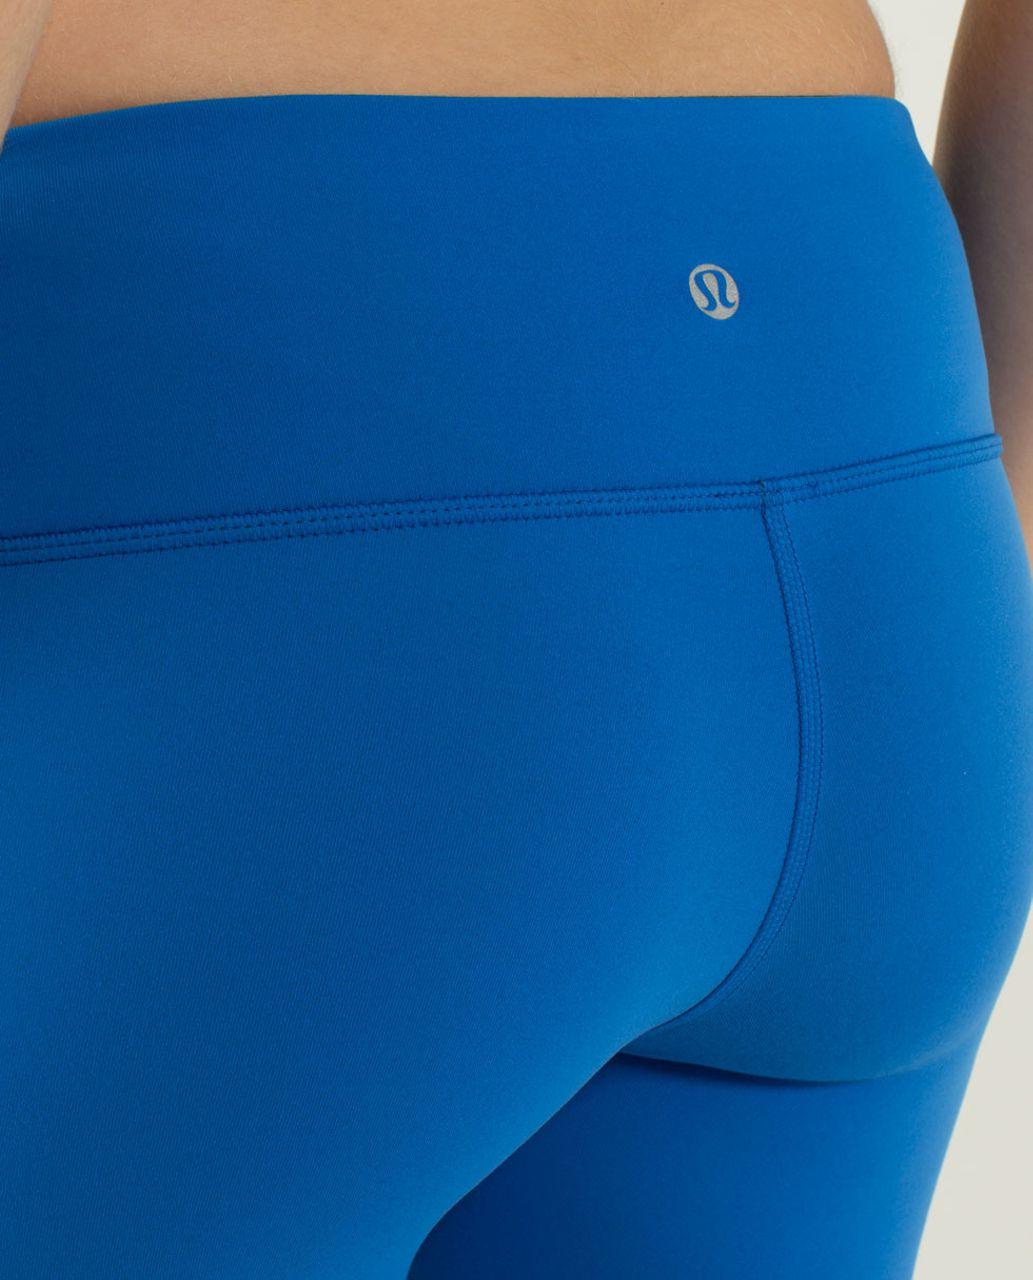 Lululemon Wunder Under Pant *Reversible - Black / Baroque Blue